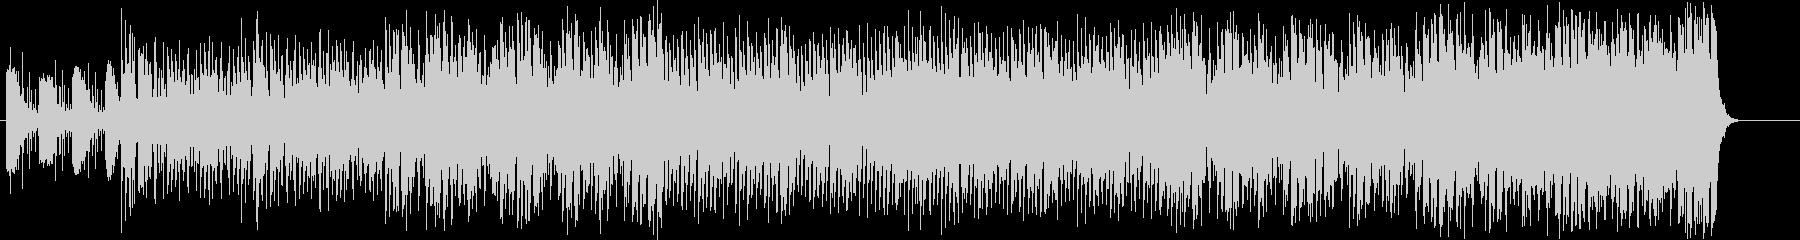 シャッフル調のアダルトなポップスの未再生の波形